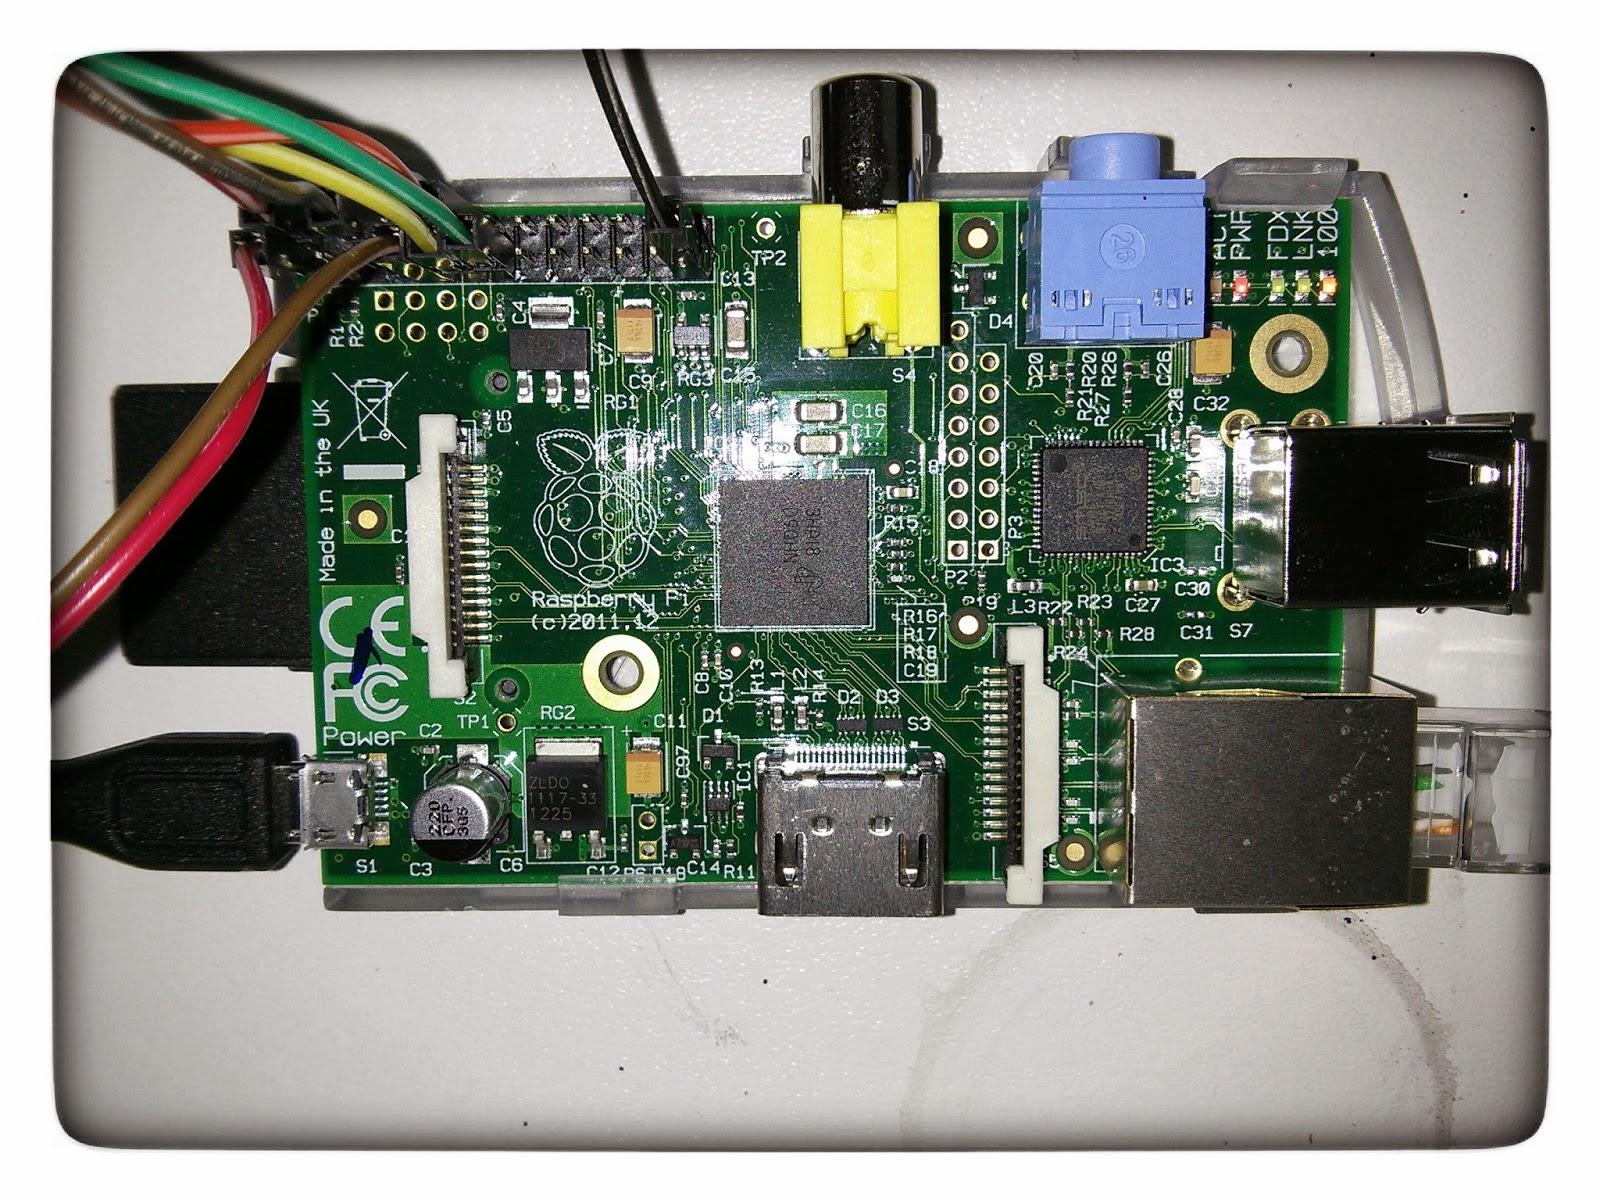 velux io homecontrol remote controller [ 1600 x 1200 Pixel ]